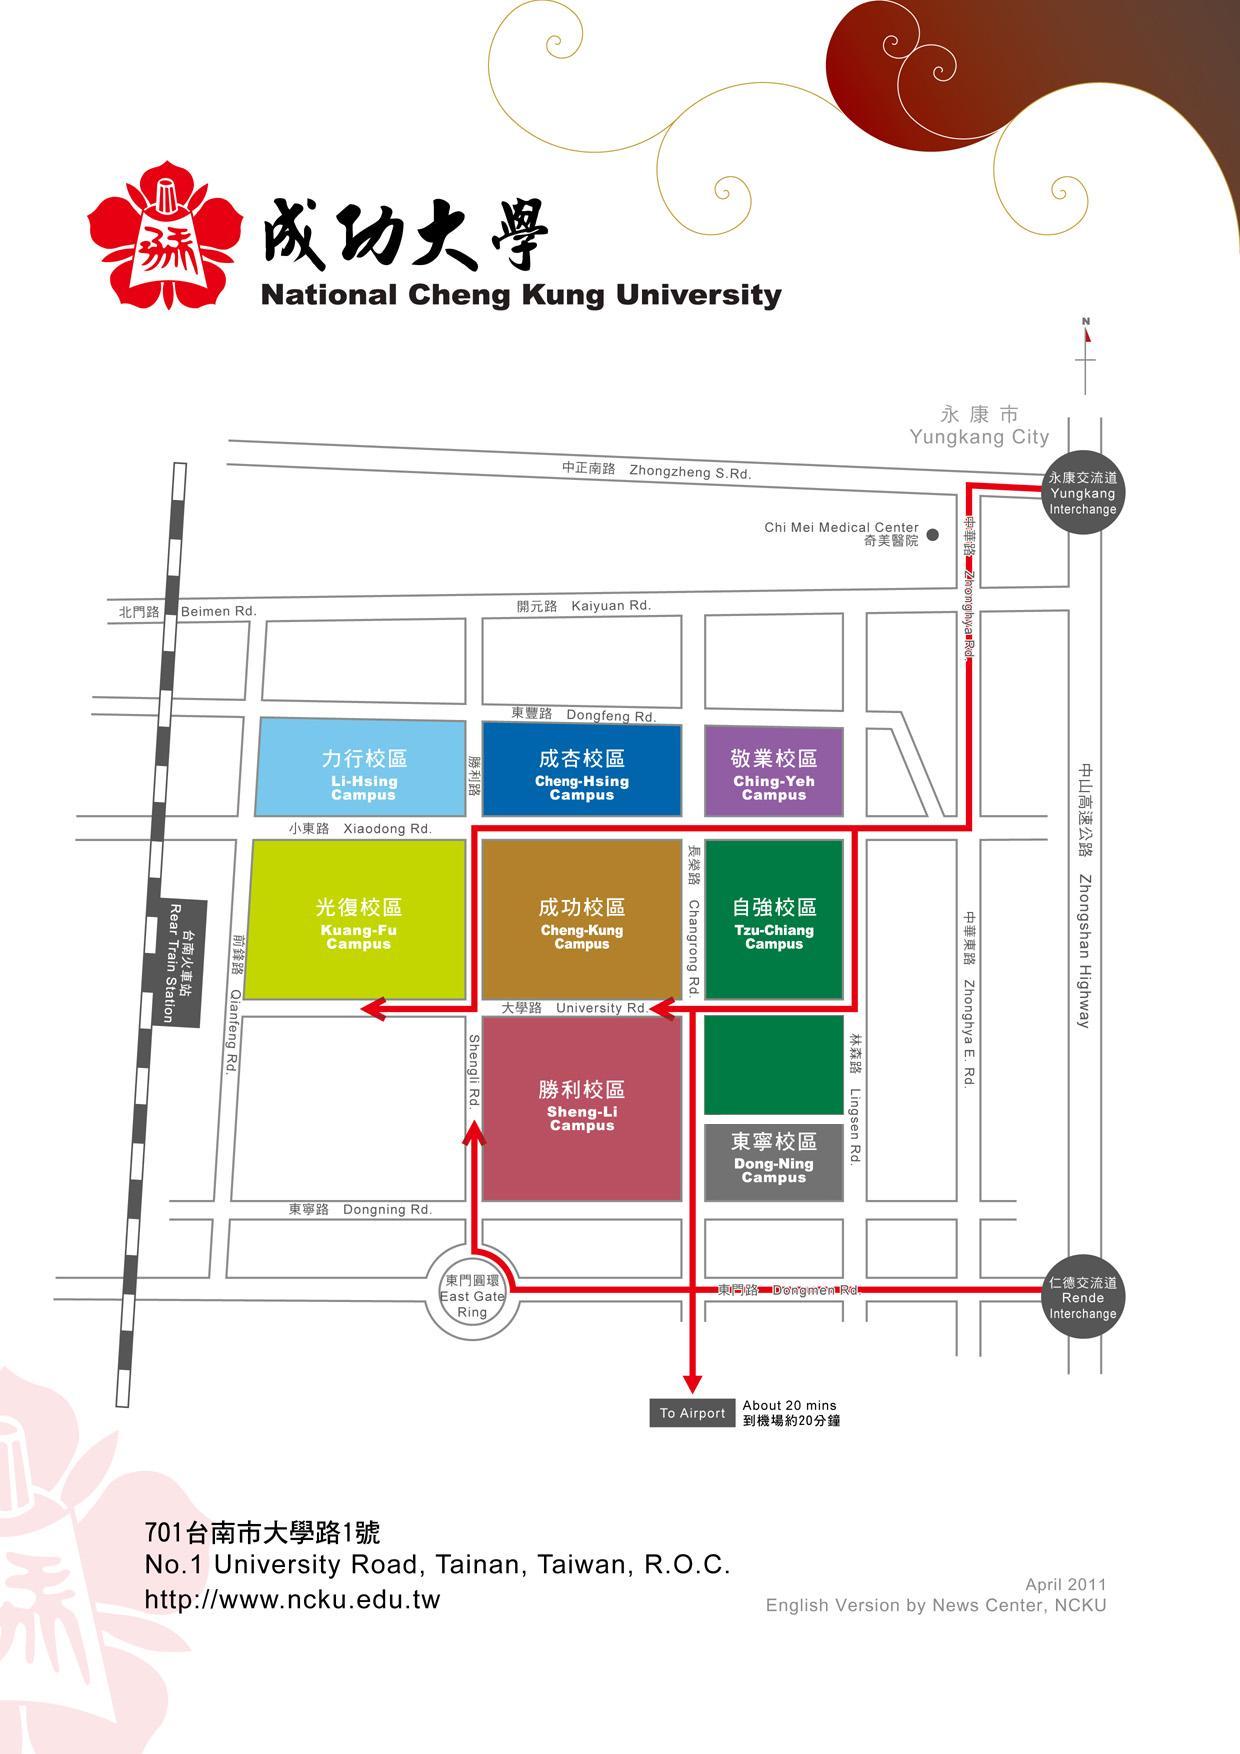 如何來到成大校本部之地圖